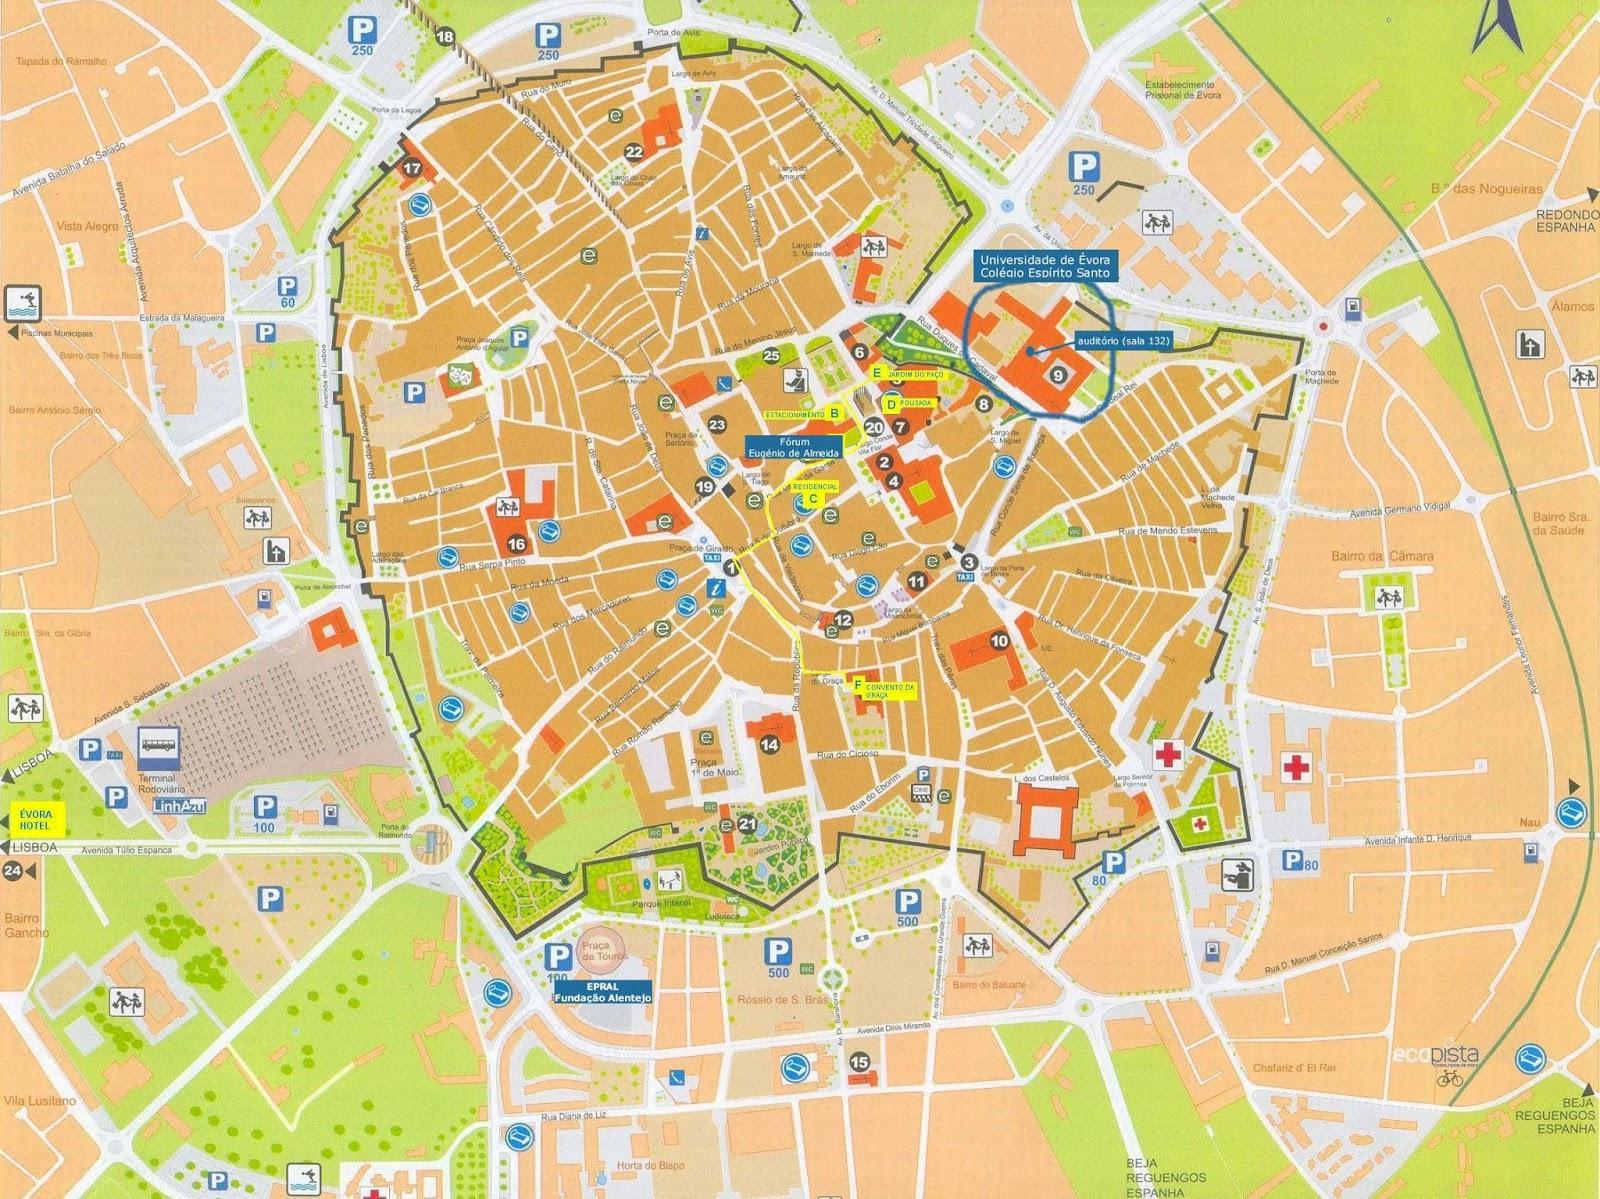 mapa evora Mapas de Évora   Portugal | MapasBlog mapa evora